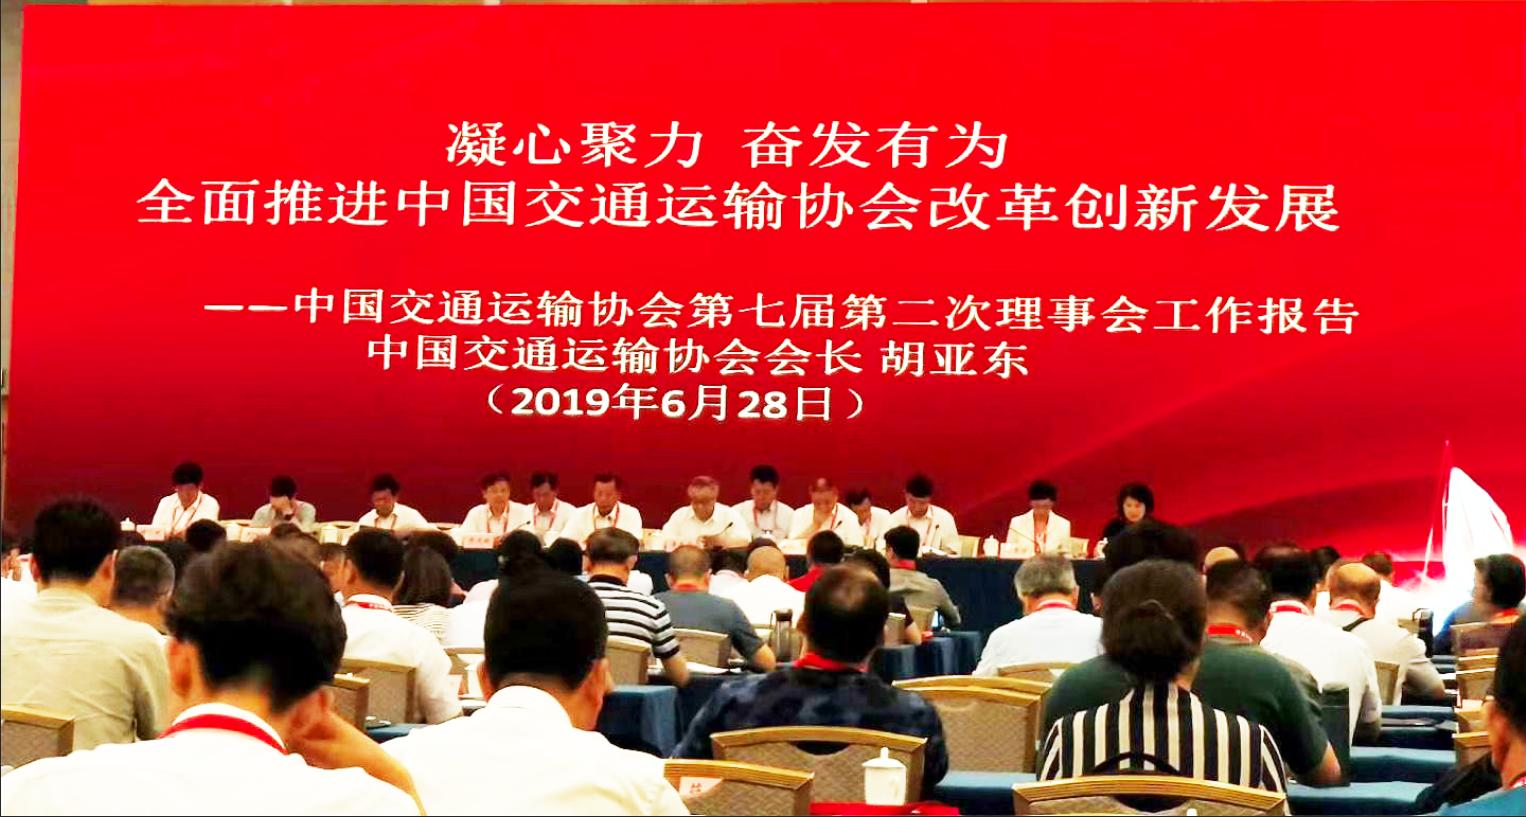 中国交通运输协会第七届第二次理事会工作报告 中国交通运输协会会长胡亚东